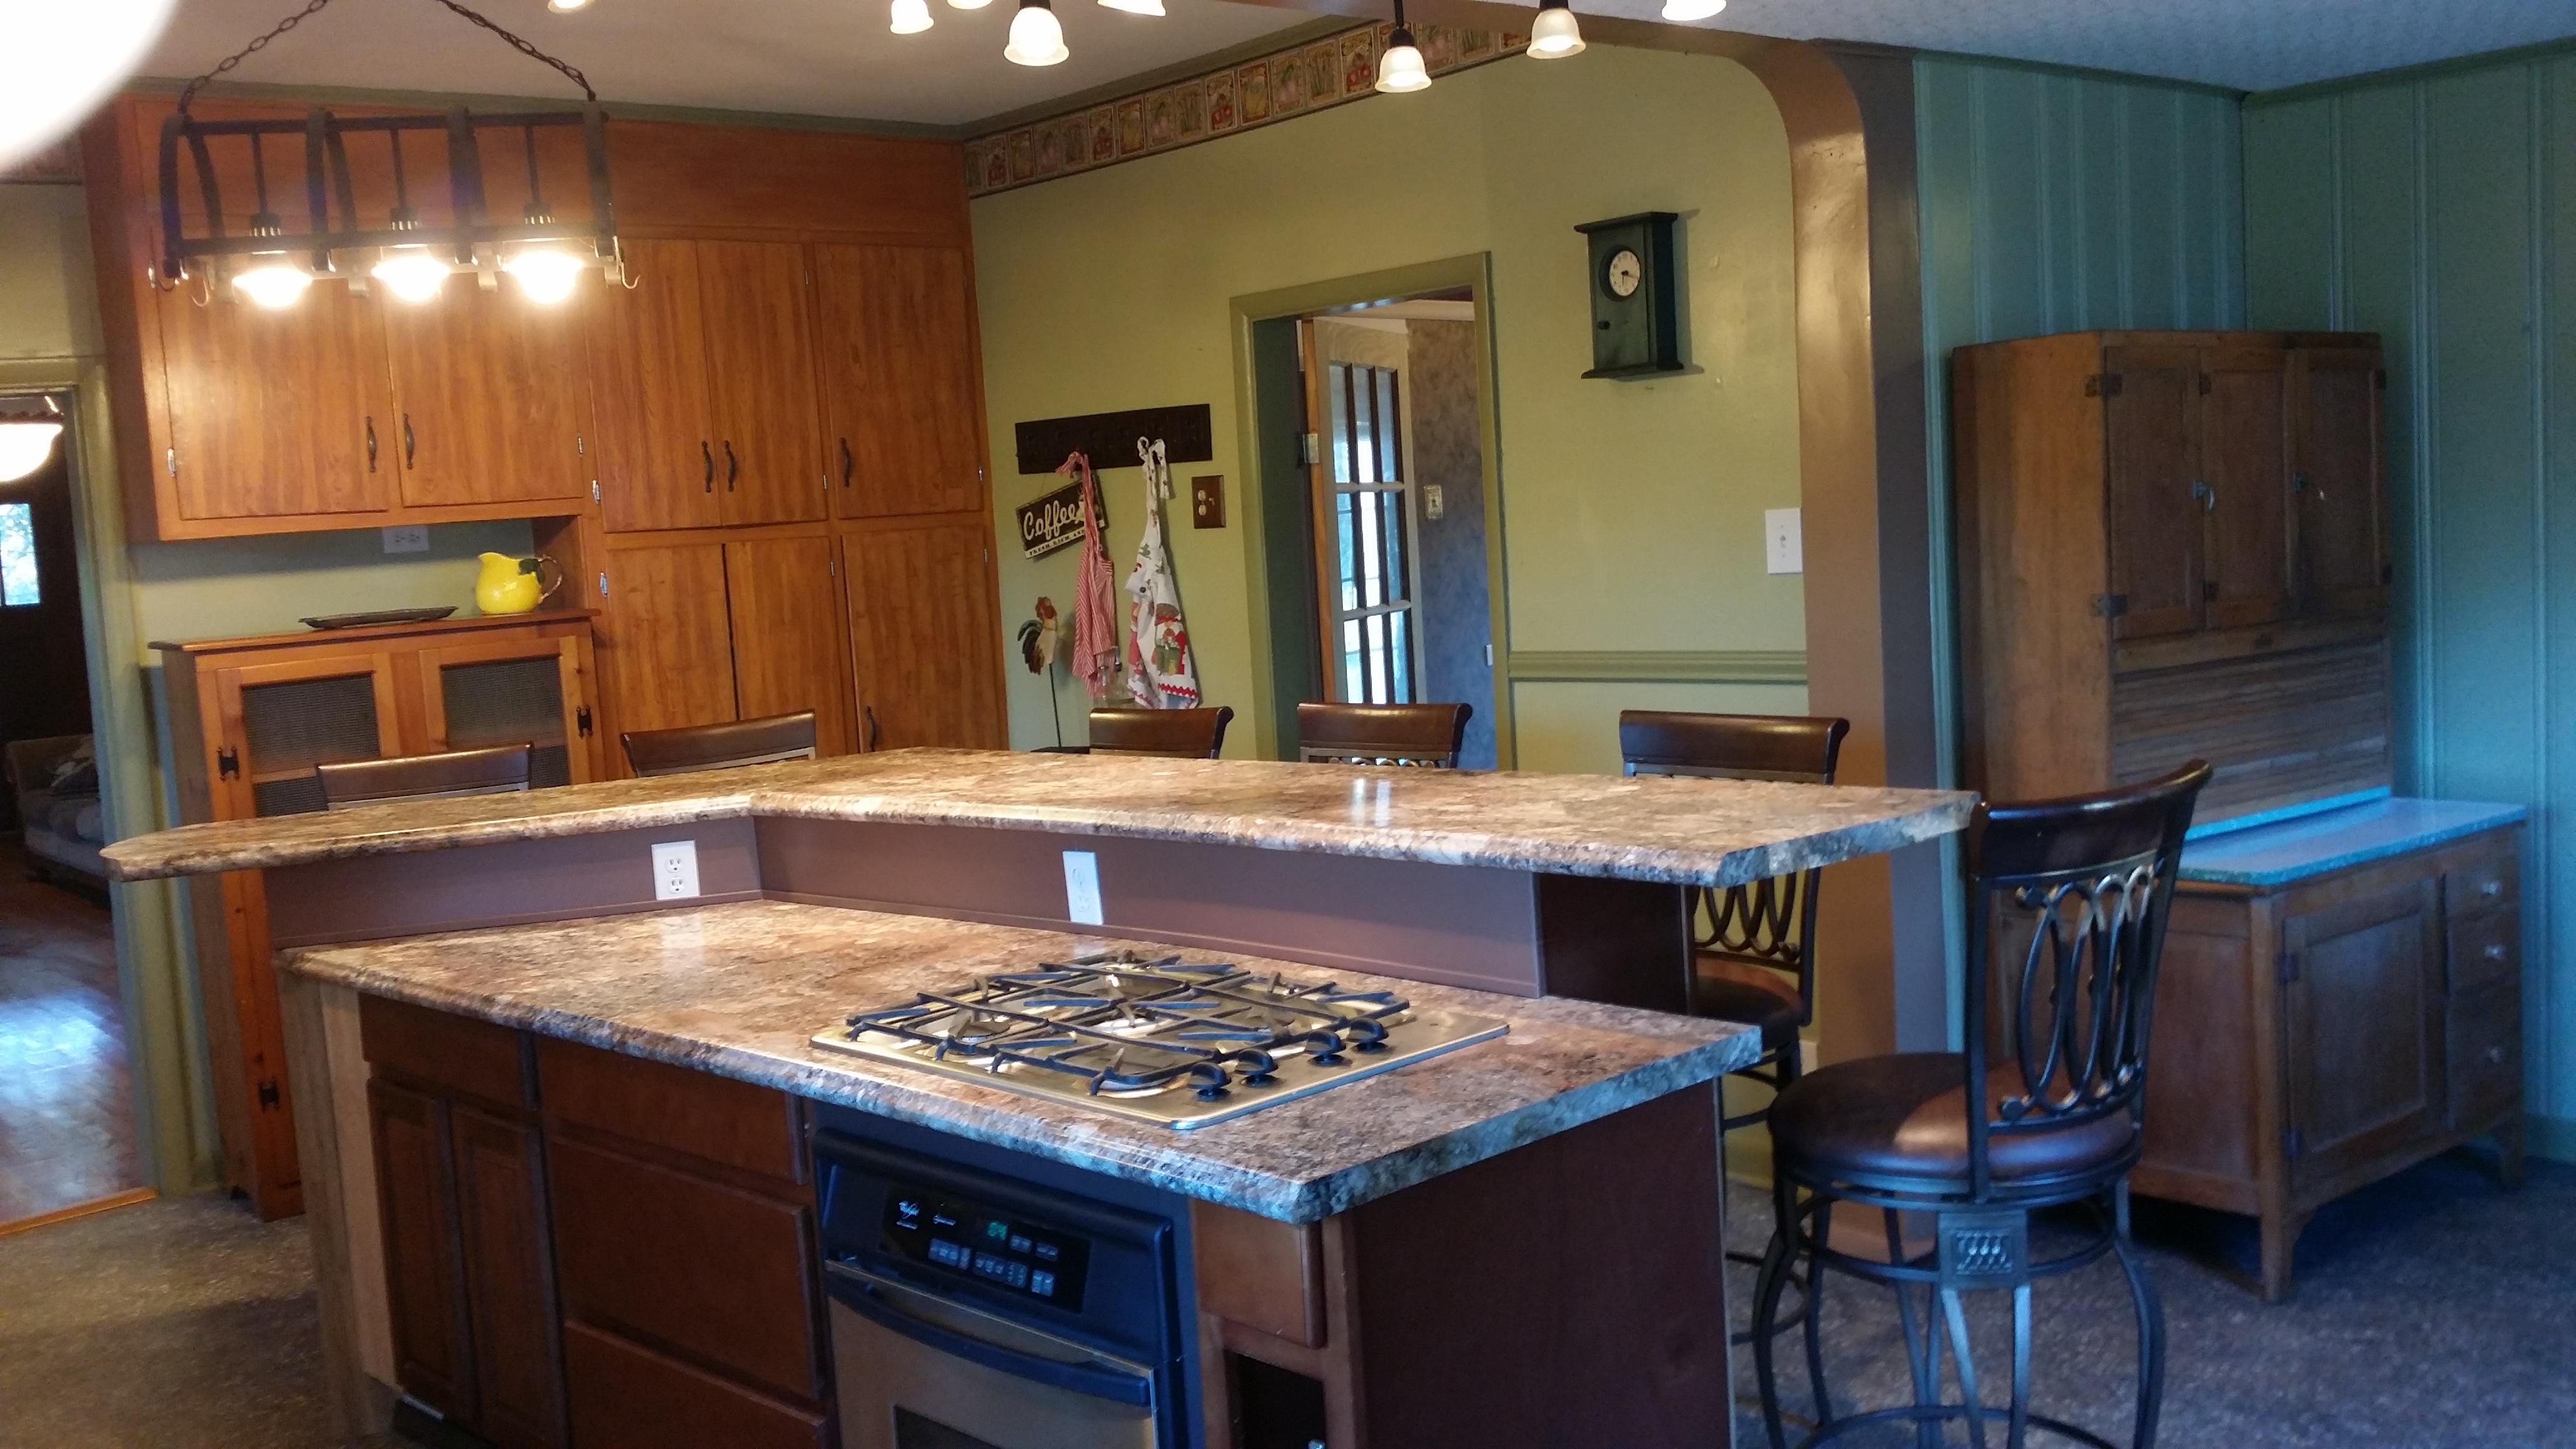 4052 kitchen 2